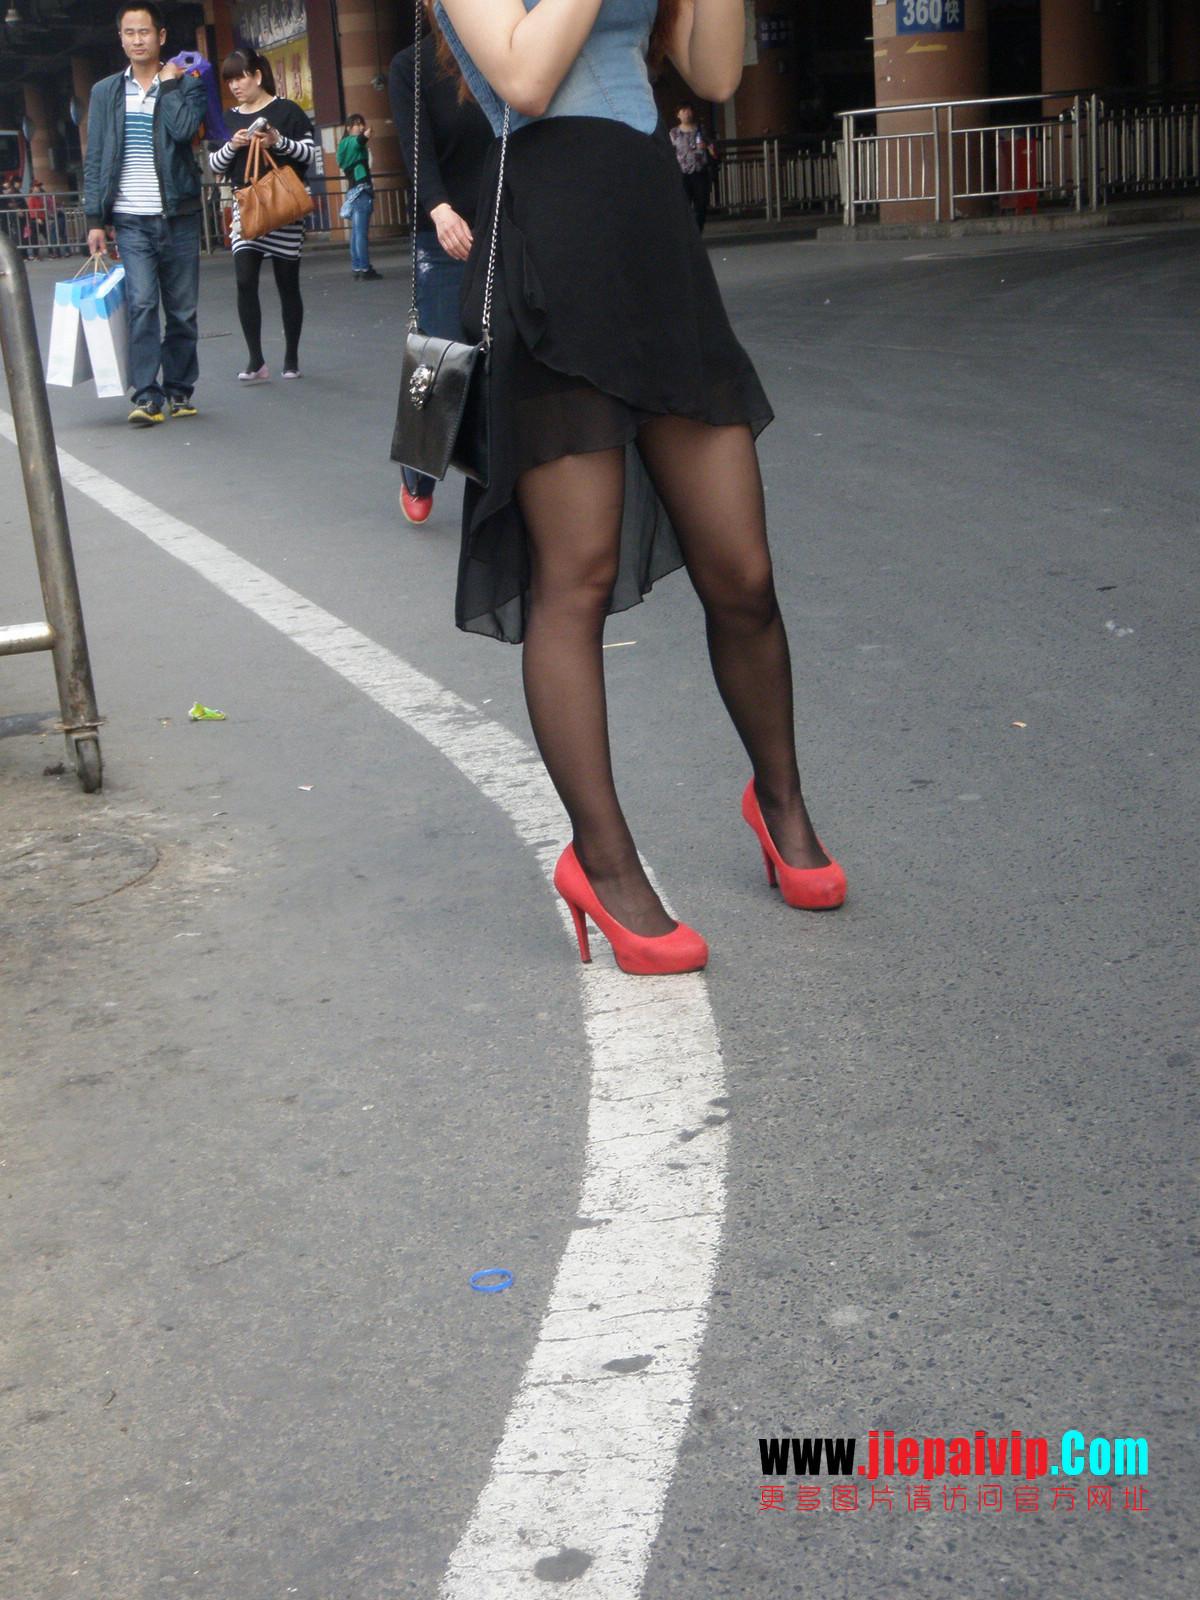 性感的红色高跟鞋黑丝袜美腿女人5